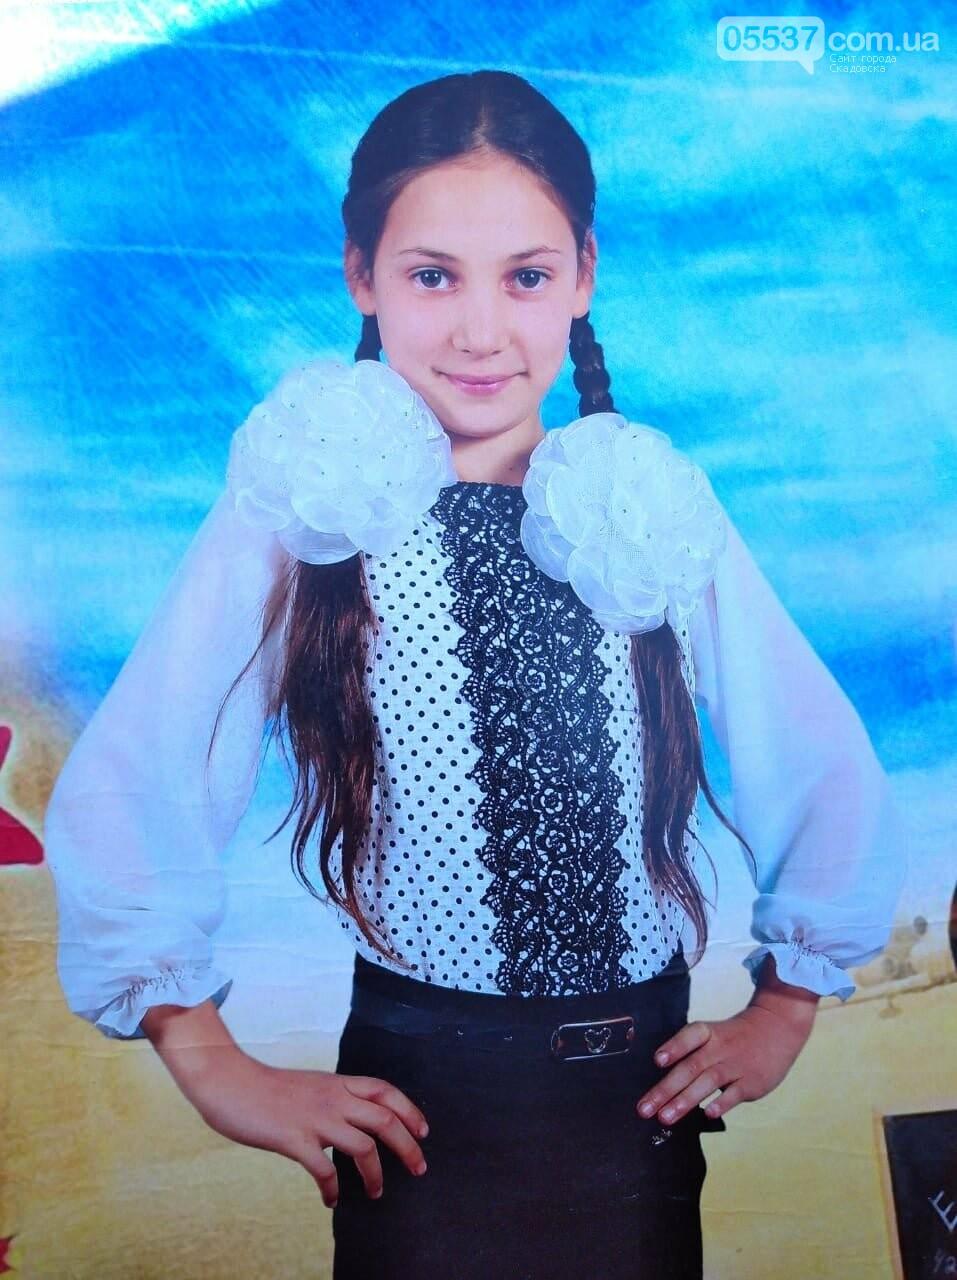 Скадовская полиция разыскивает школьницу, фото-1